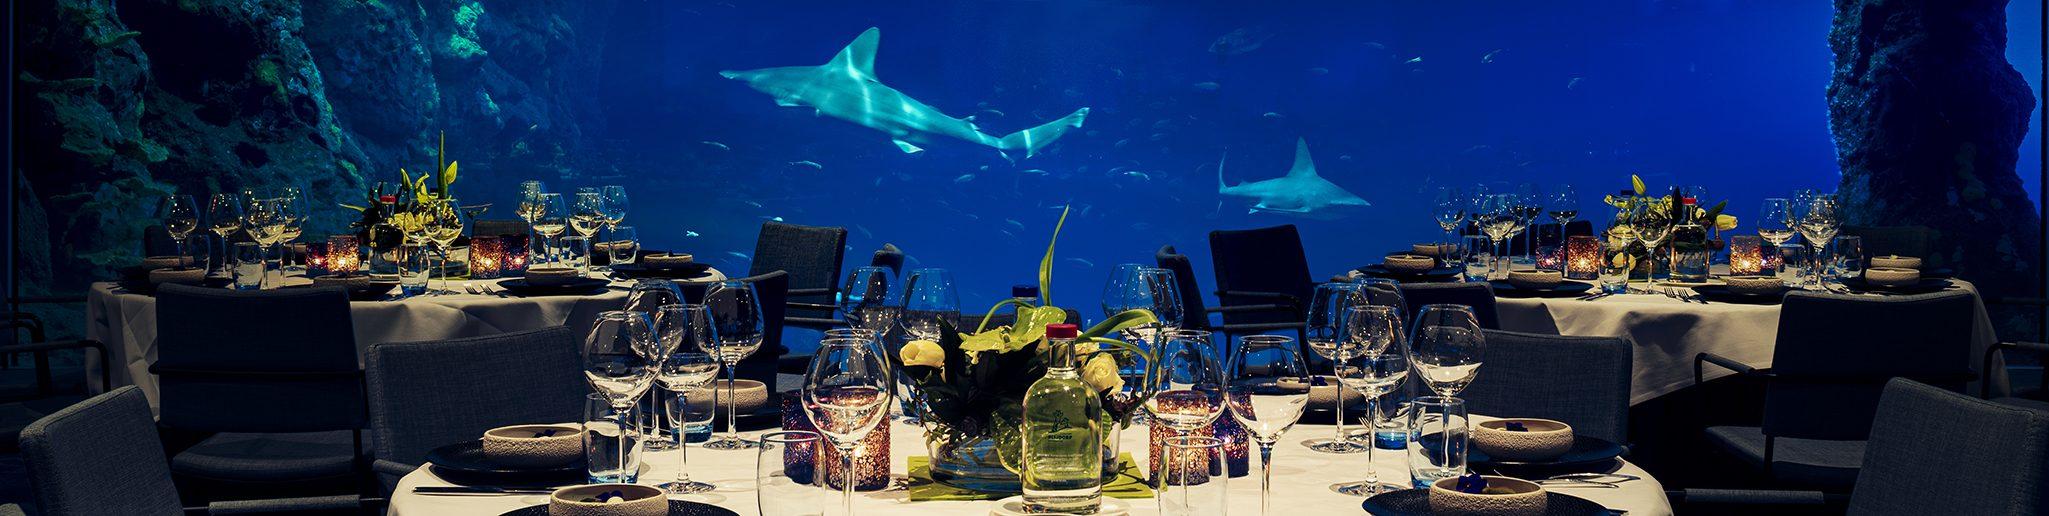 locatie met uitzicht op de haaien